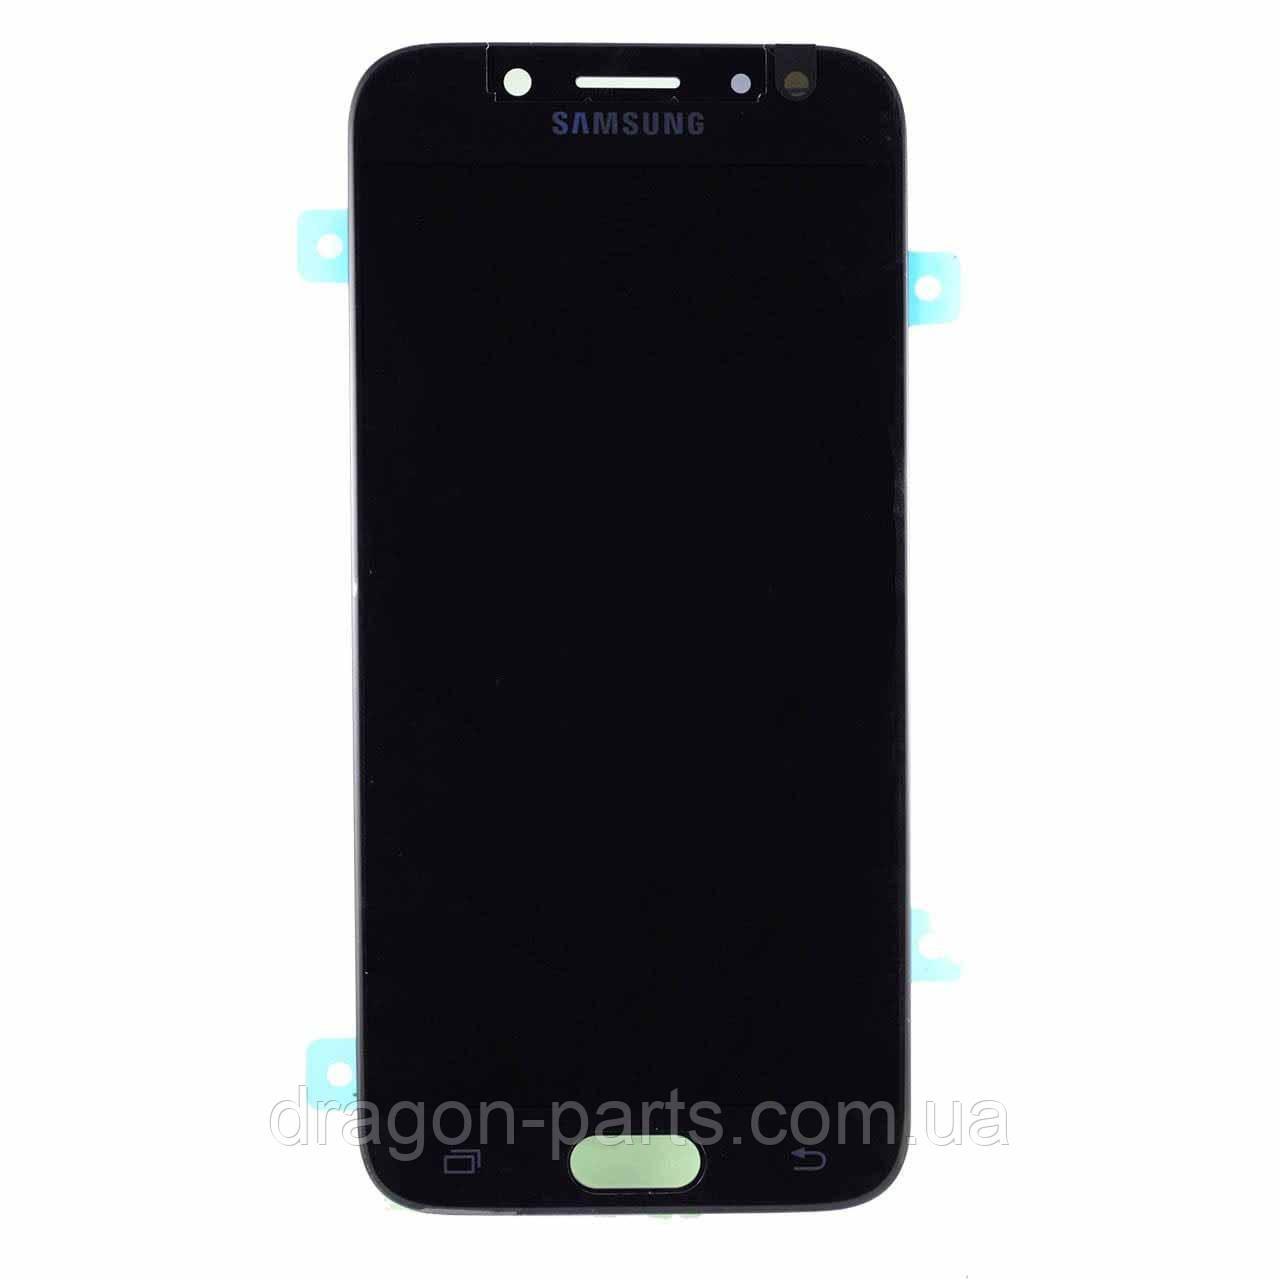 Дисплей Samsung J530 Galaxy J5 2017 с сенсором Черный Black оригинал , GH97-20738A